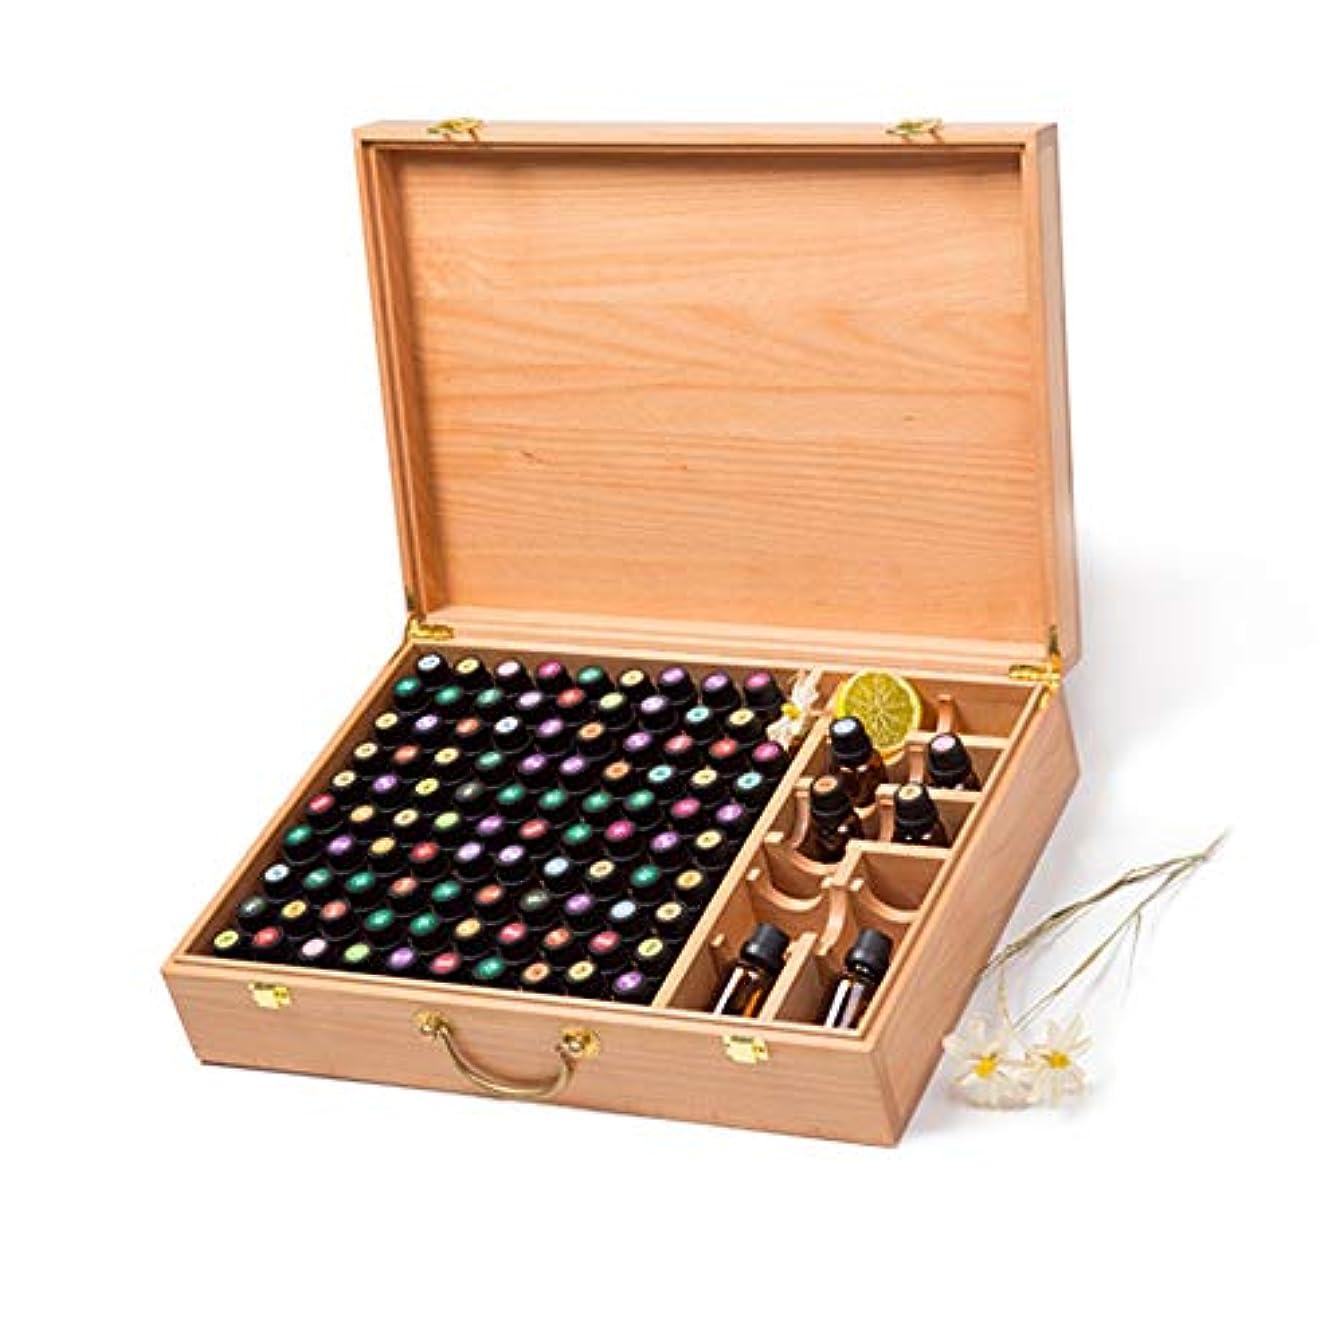 監査副詞従者エッセンシャルオイルボックス ハンドル100手作りの木製のエッセンシャルオイルの収納ボックスとパーフェクトオイルカートン アロマセラピー収納ボックス (色 : Natural, サイズ : 44X31.5X10.5CM)